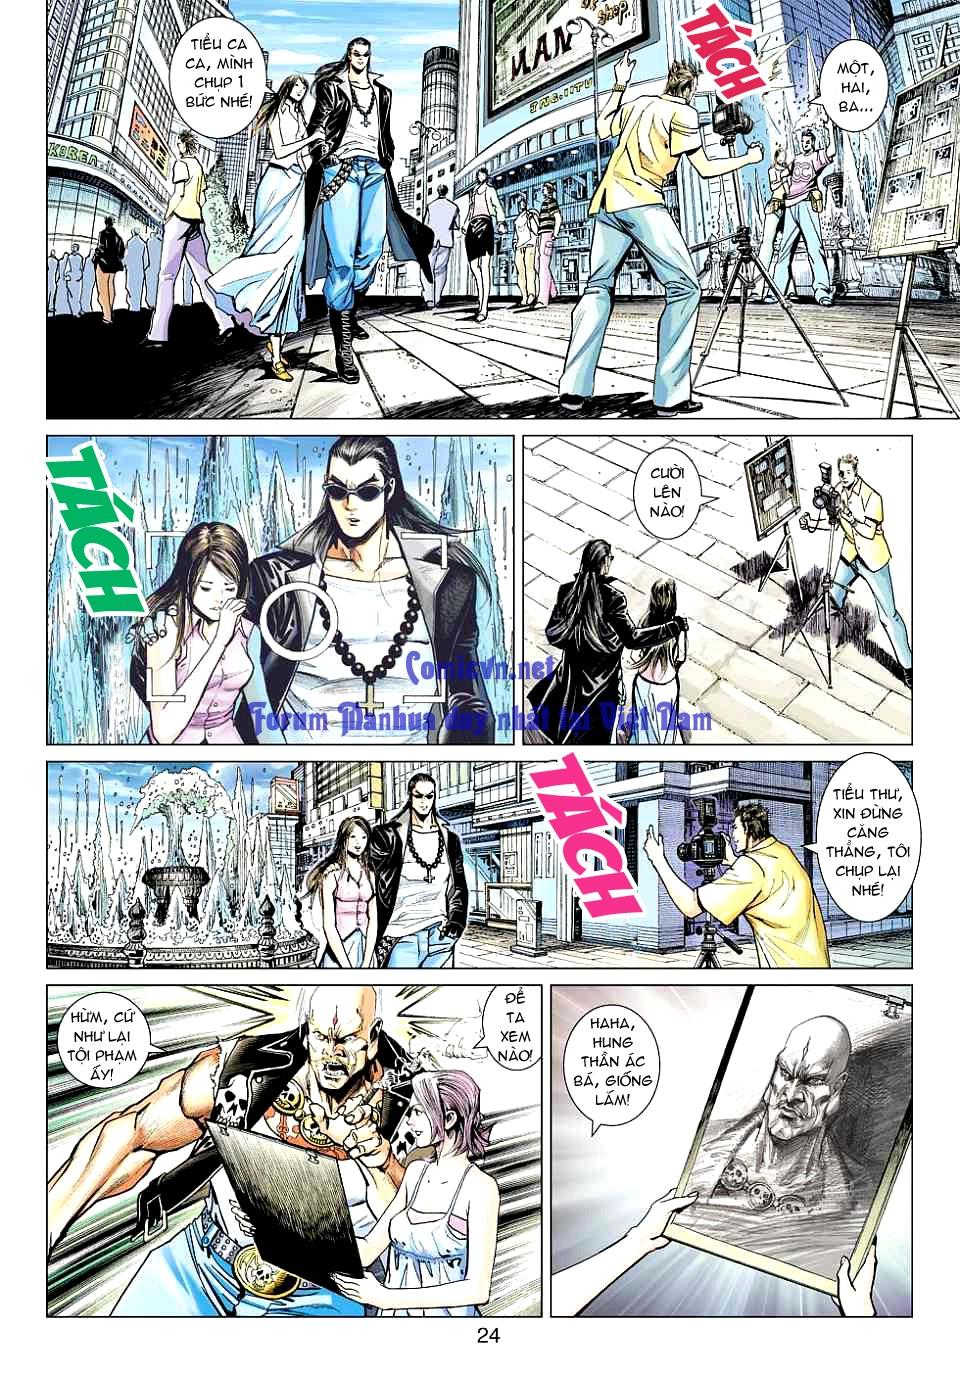 Vương Phong Lôi 1 chap 12 - Trang 23